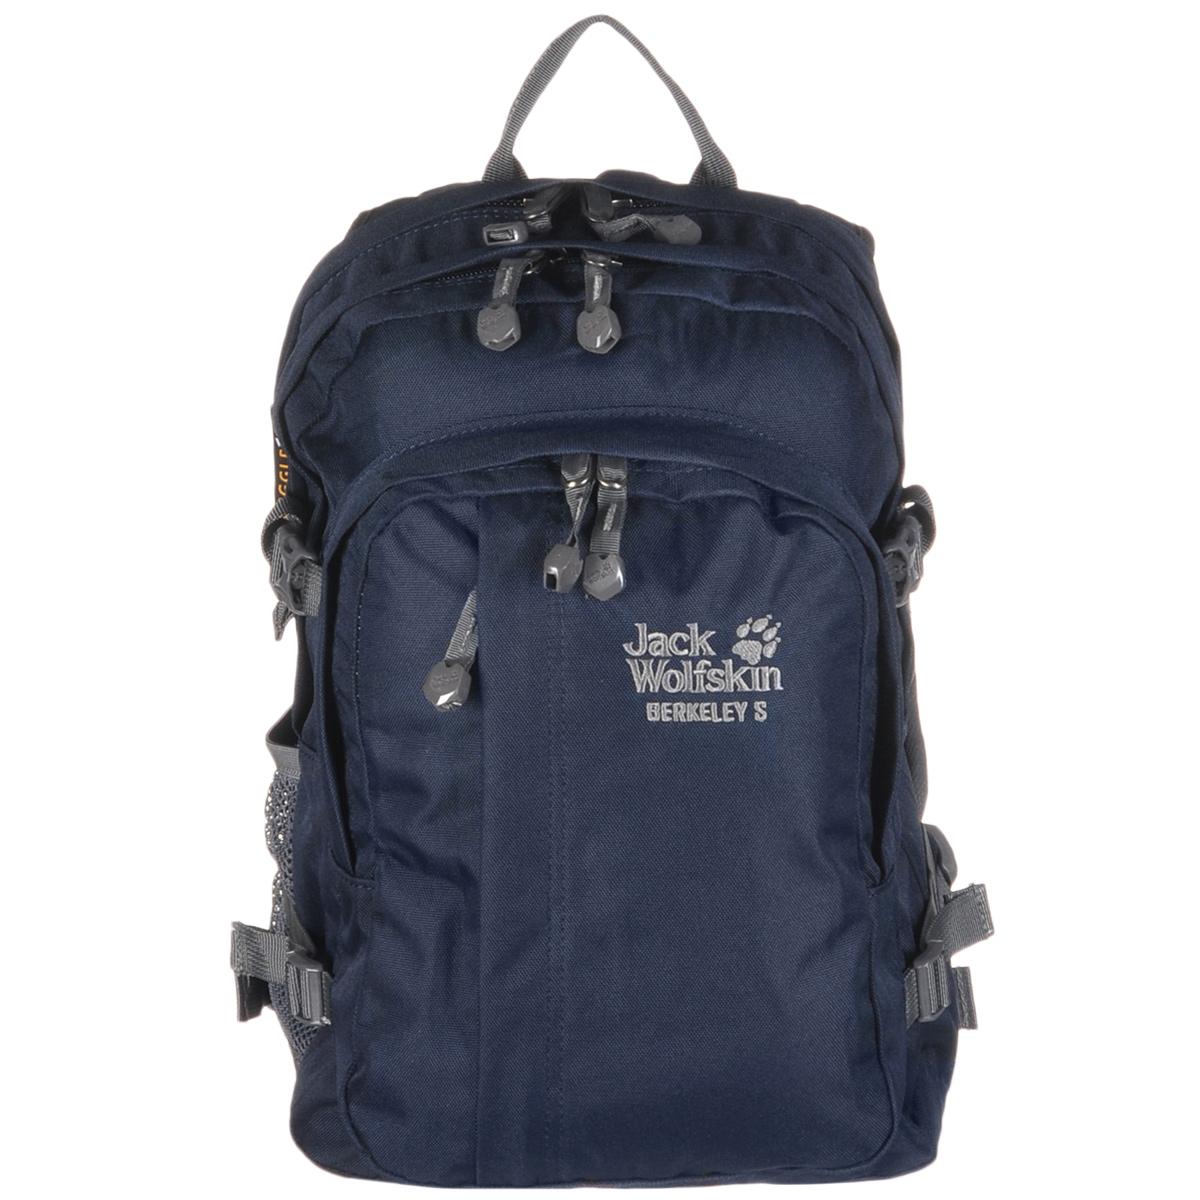 Рюкзак городской Jack Wolfskin Berkeley S, цвет: темно-синий, 23 л рюкзак jack wolfskin dayton цвет черный 2002481 6000